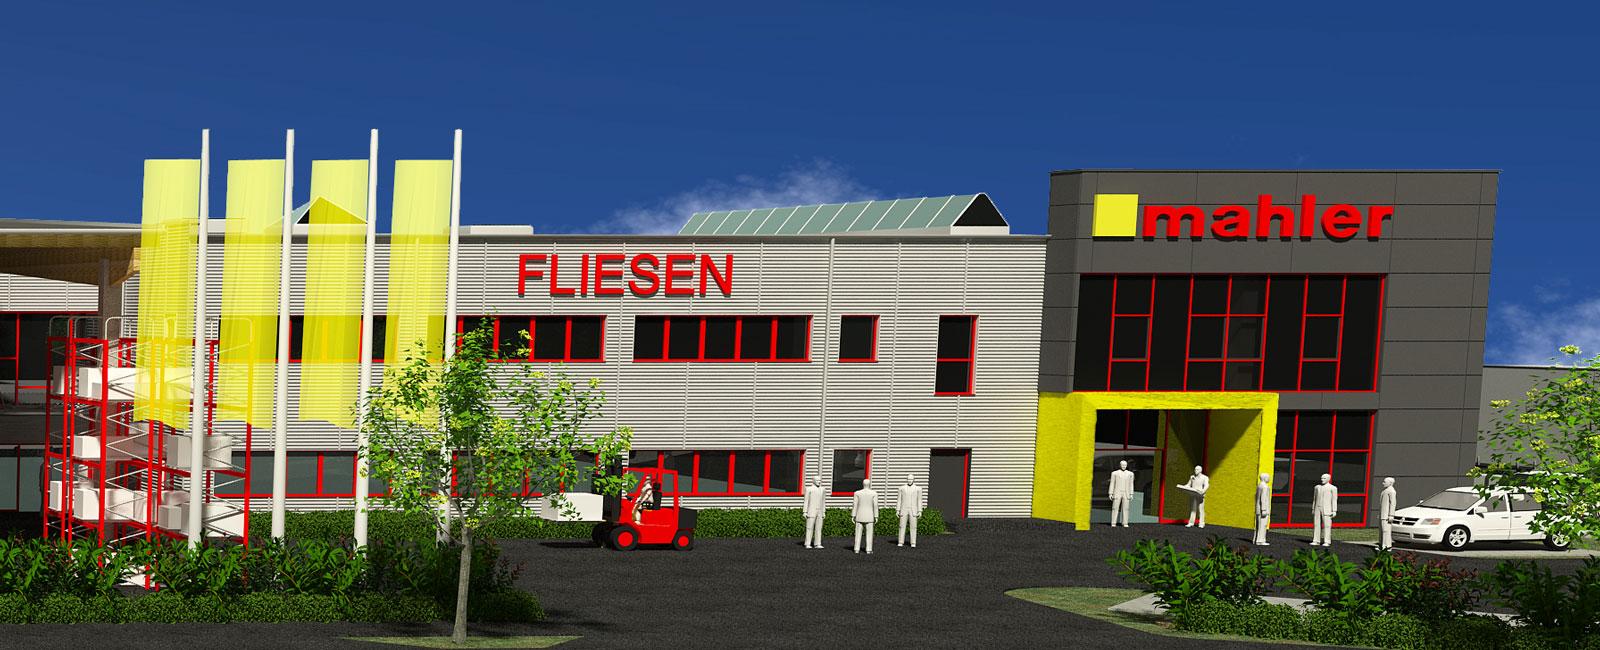 Fliesenausstellung München erweiterung mahler fliesenausstellung münchen feldkirchen geza varga